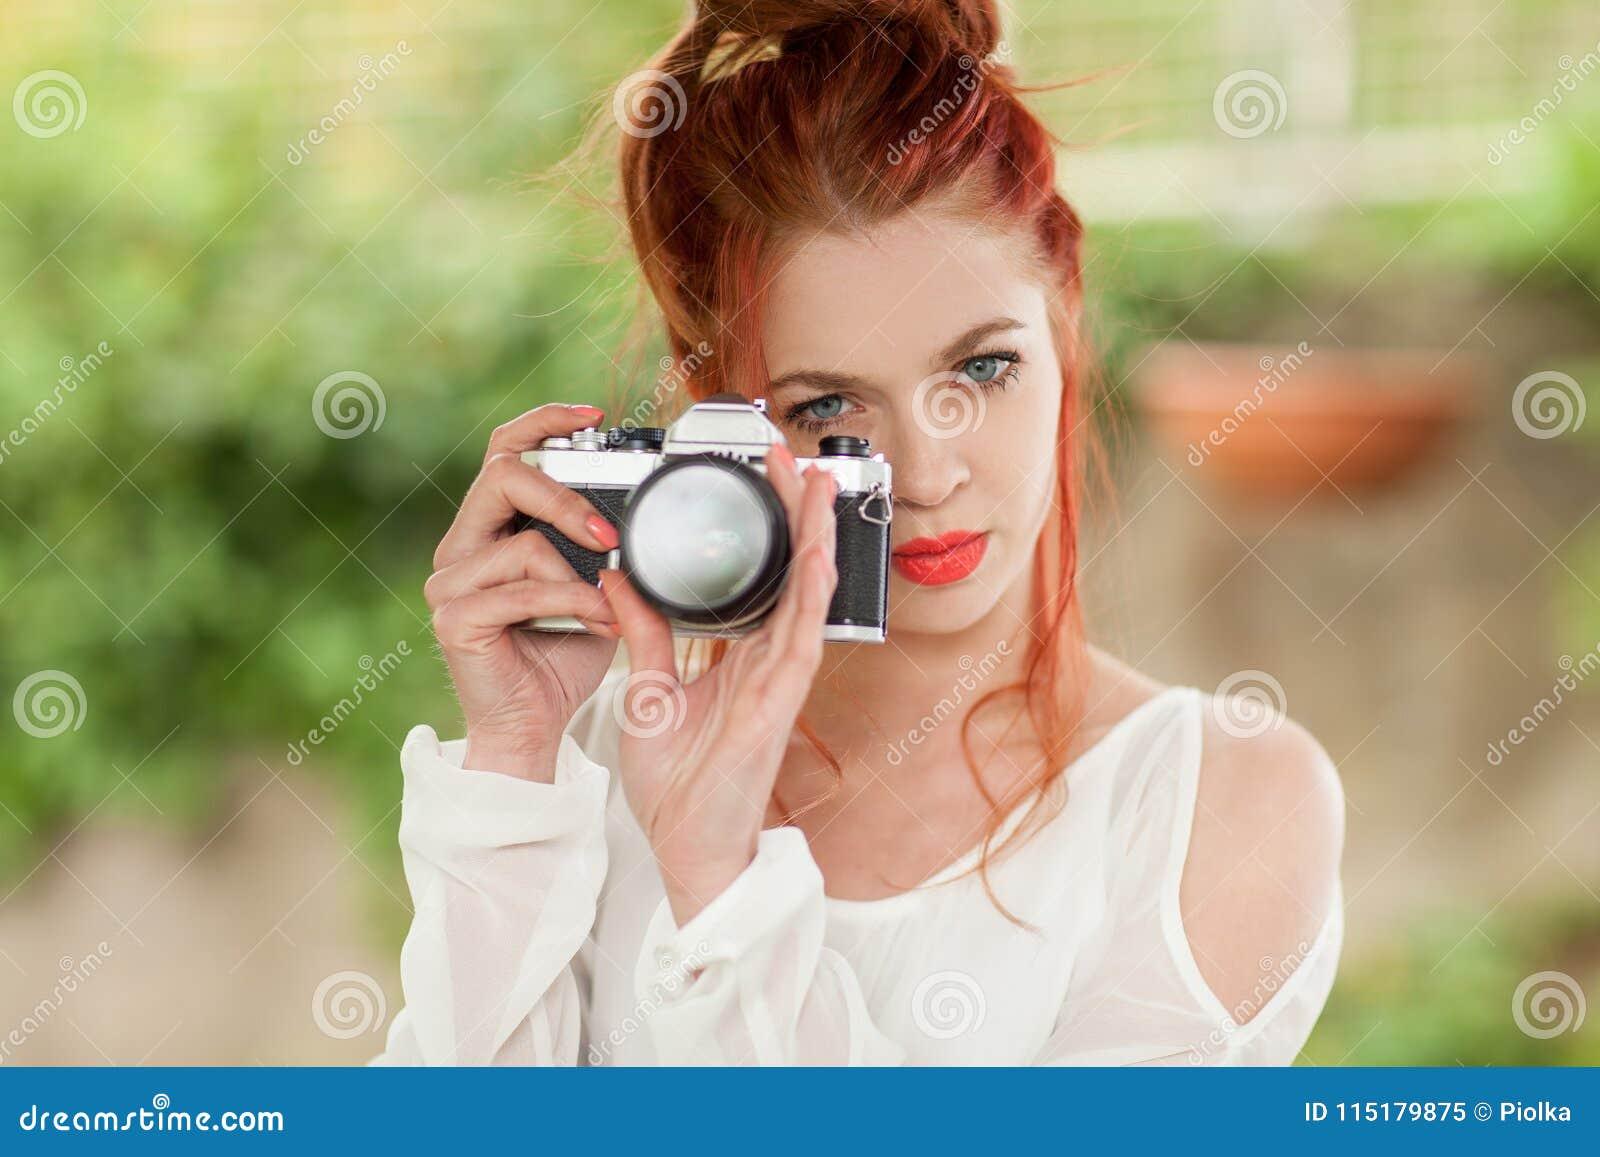 Mooie jonge vrouw met rode haarzitting in de tuin die beelden met camera nemen